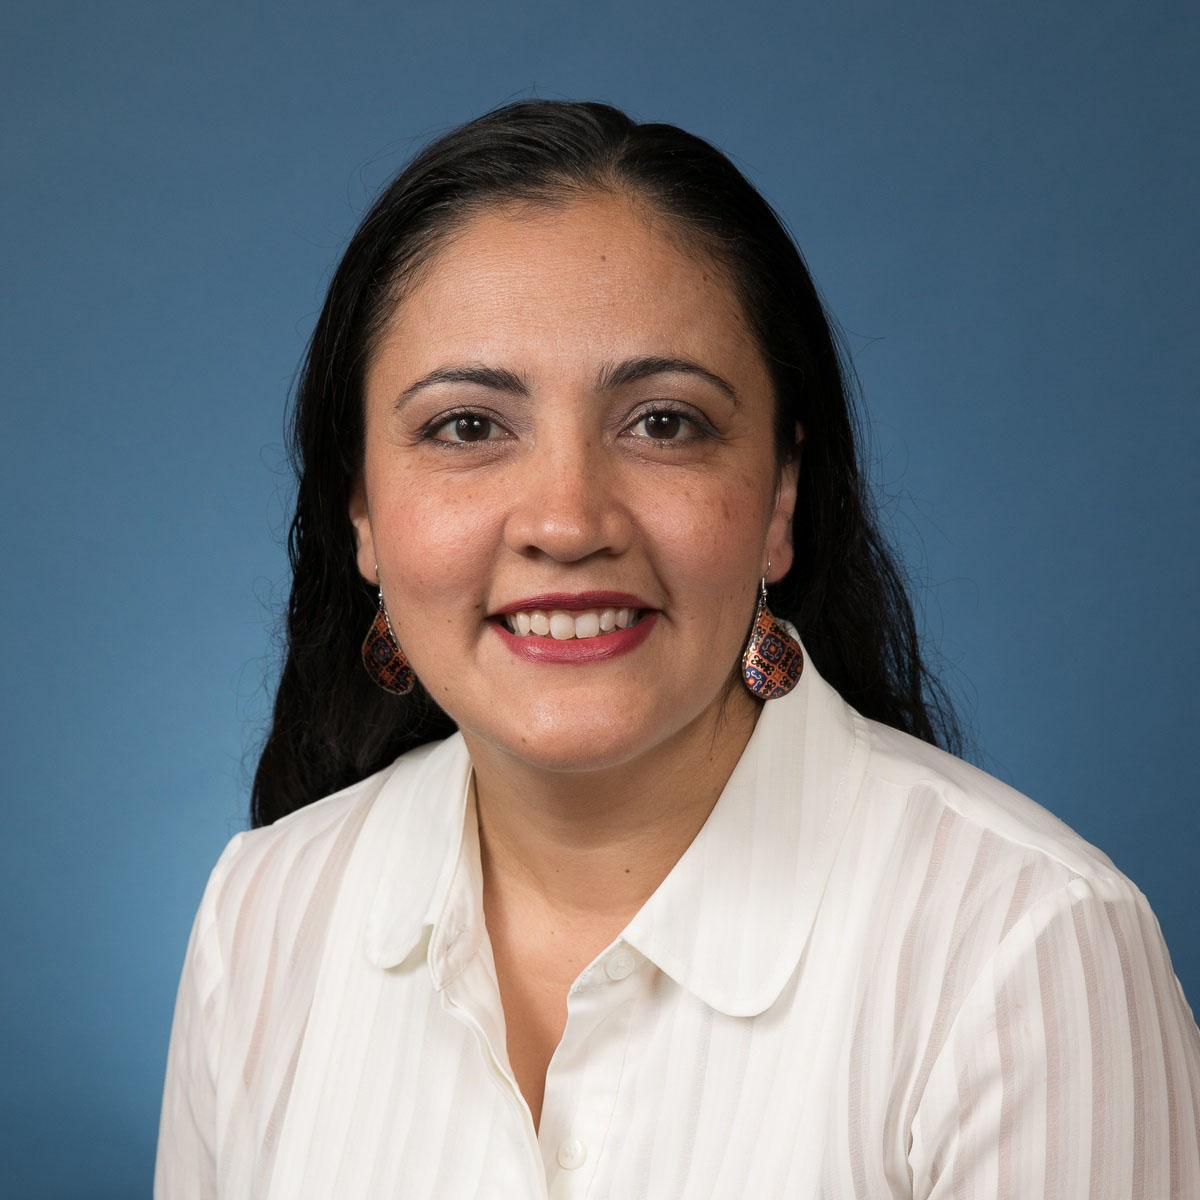 Elizbeth Espinoza